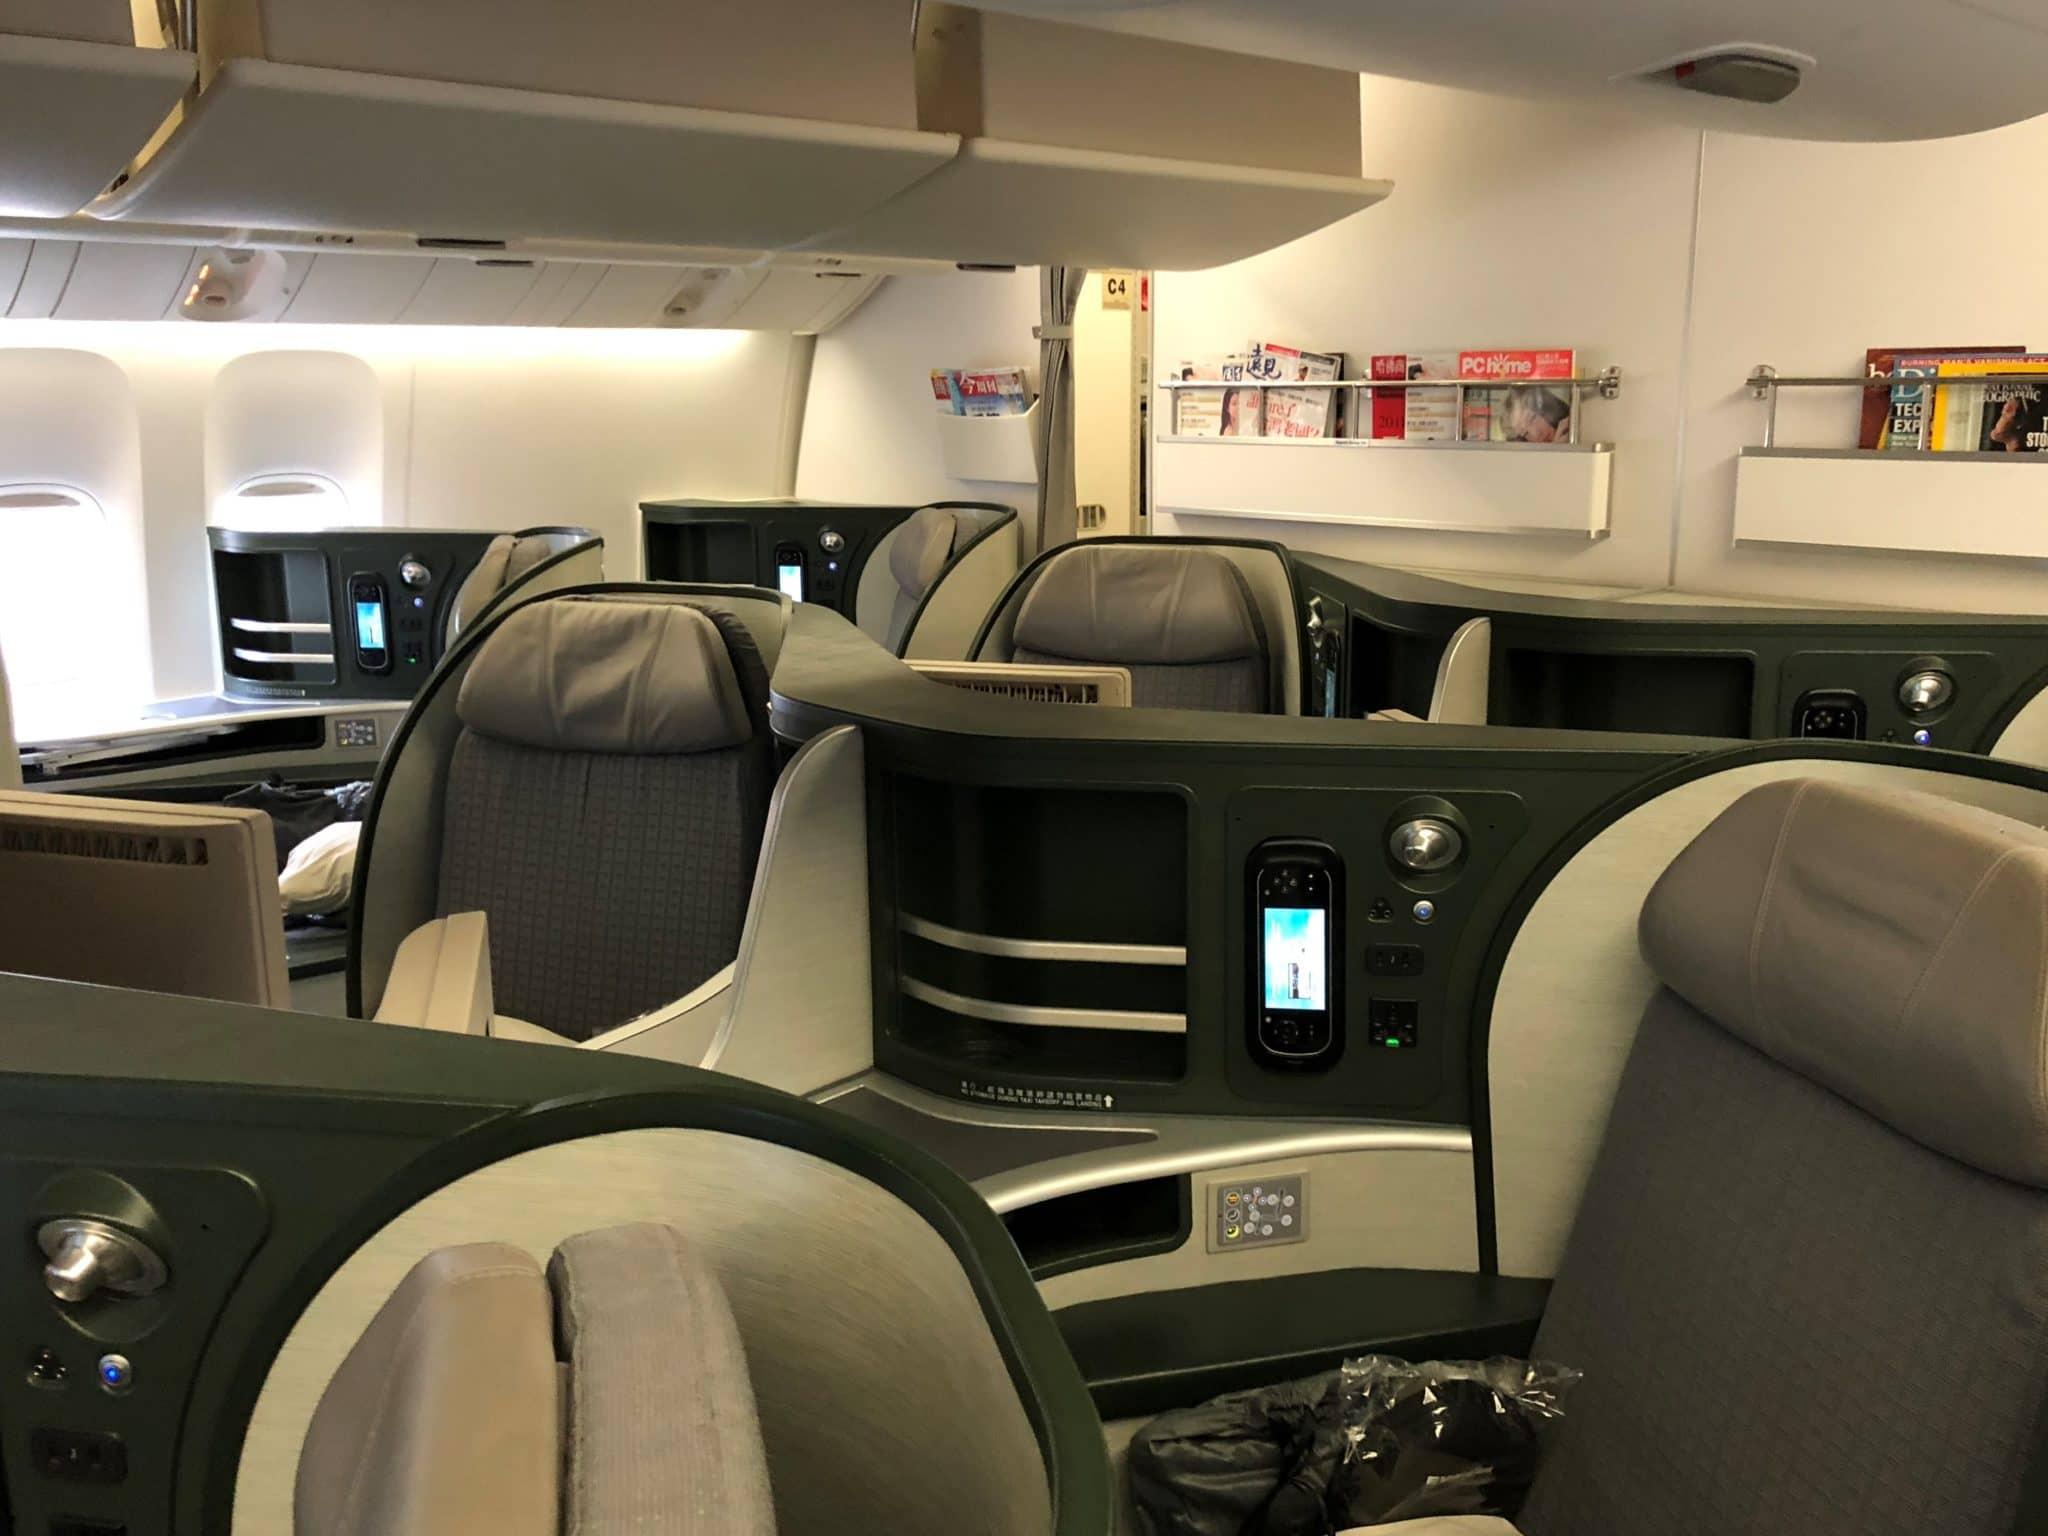 EVA Air Business Class Boeing 777-300 Kabinenansicht Hinflug